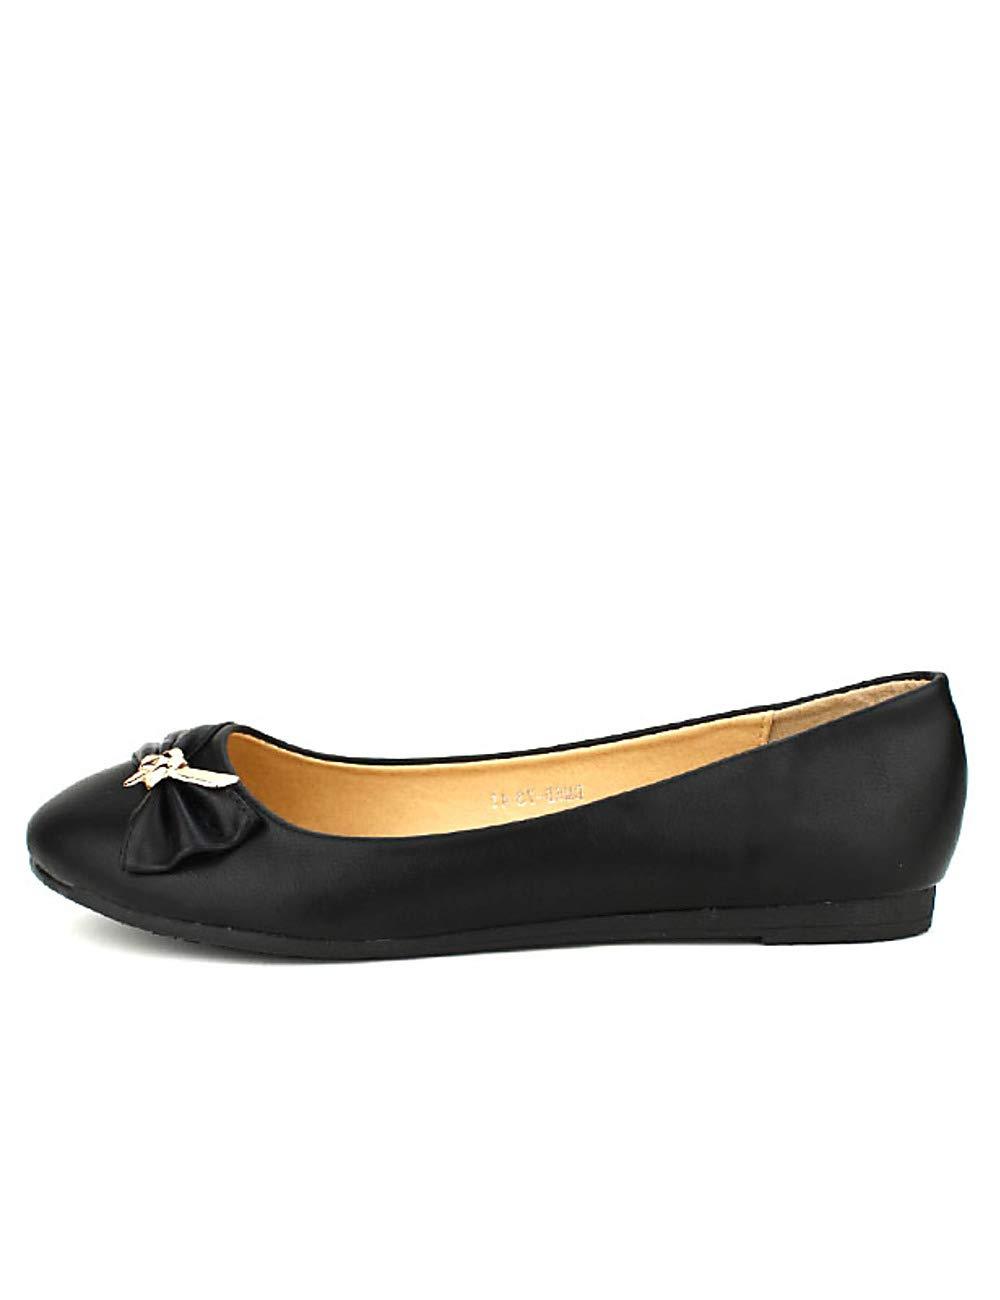 Cendriyon, Ballerines Noires 4330 Bijoux Noir BO AIME B01N6JID0J Chaussures Femme Noir c103a0a - robotanarchy.space